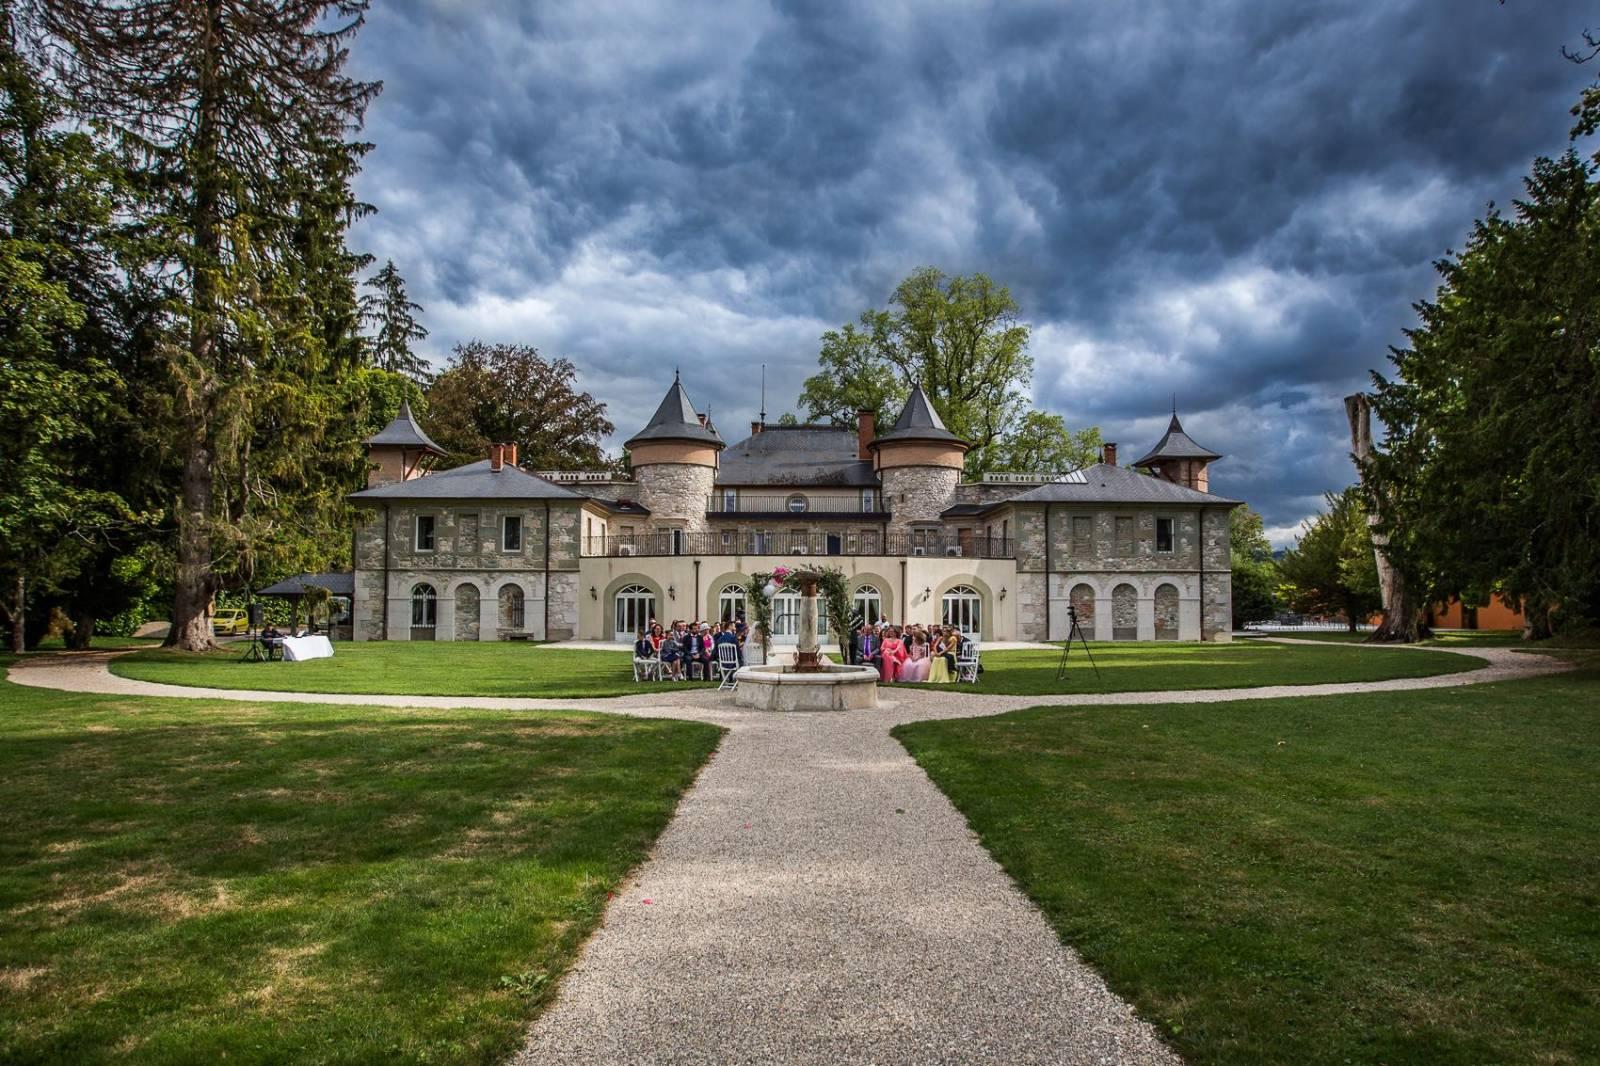 Cinderella Photographie - Trouwen in frankrijk - Huwelijksfotograaf - Trouwfotograaf - House of Weddings - 30